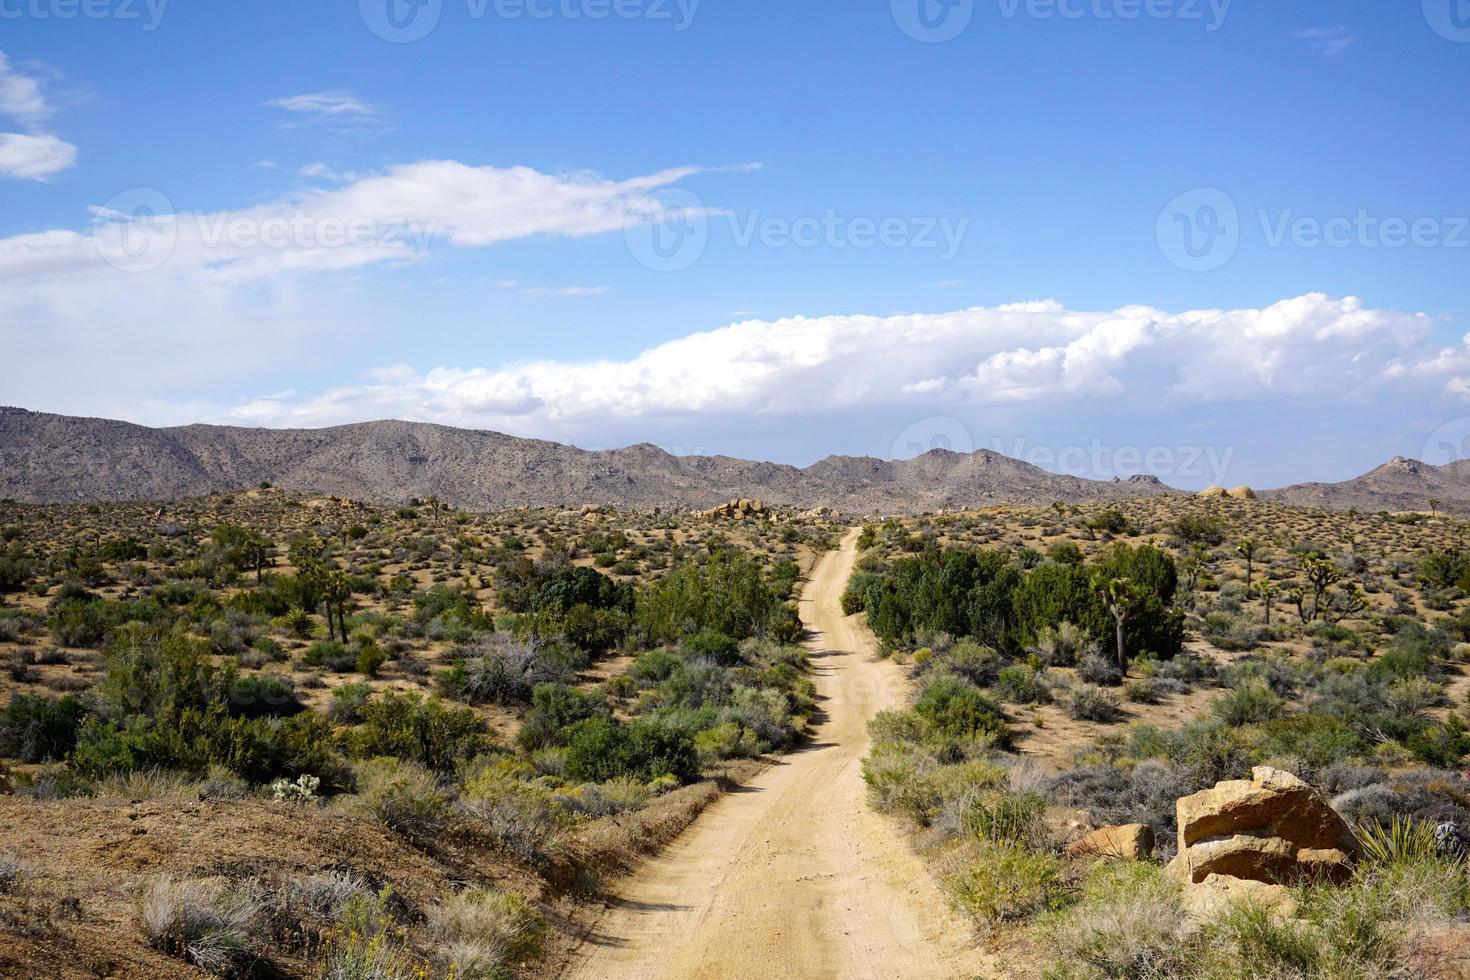 camino arenoso en el desierto foto